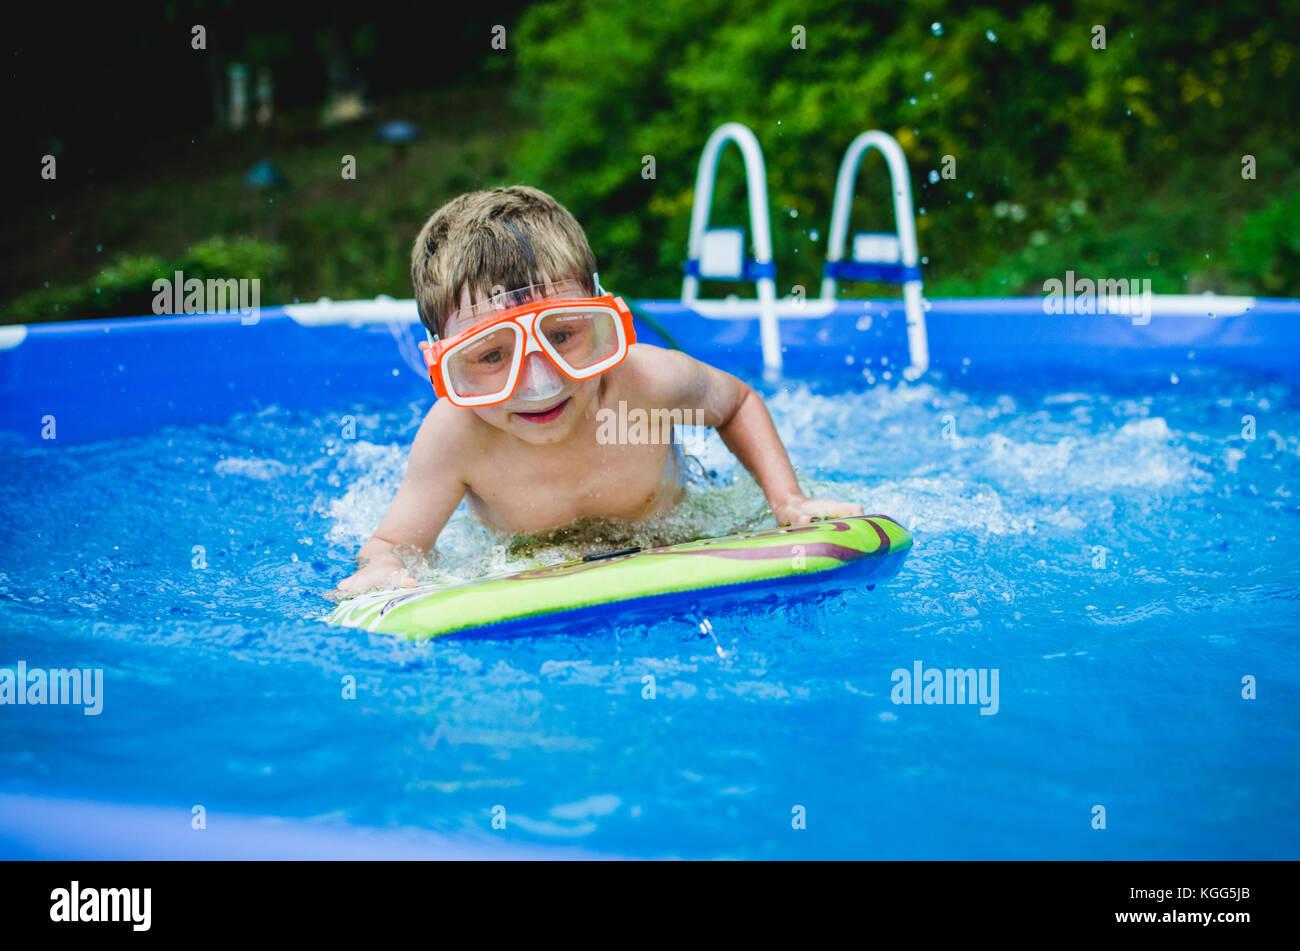 8-9 ans de jouer sur une planche de surf dans une piscine en été. Photo Stock